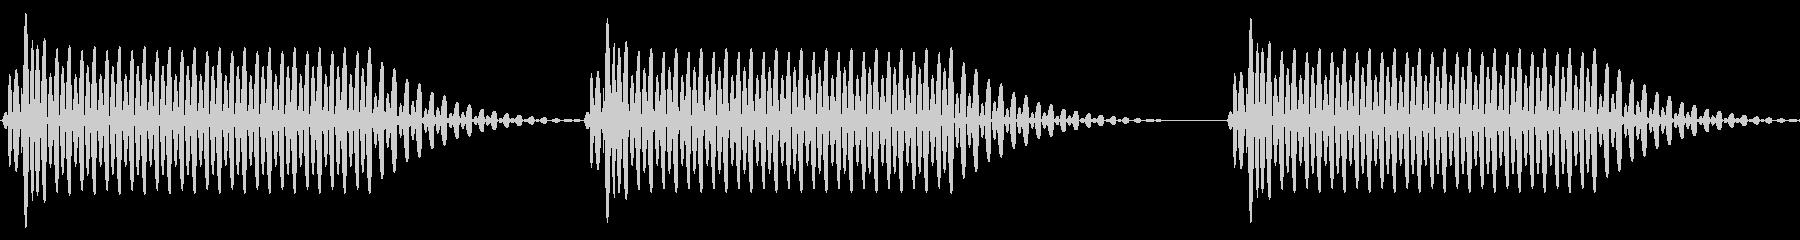 往年のRPG風 セリフ・吹き出し音 1の未再生の波形